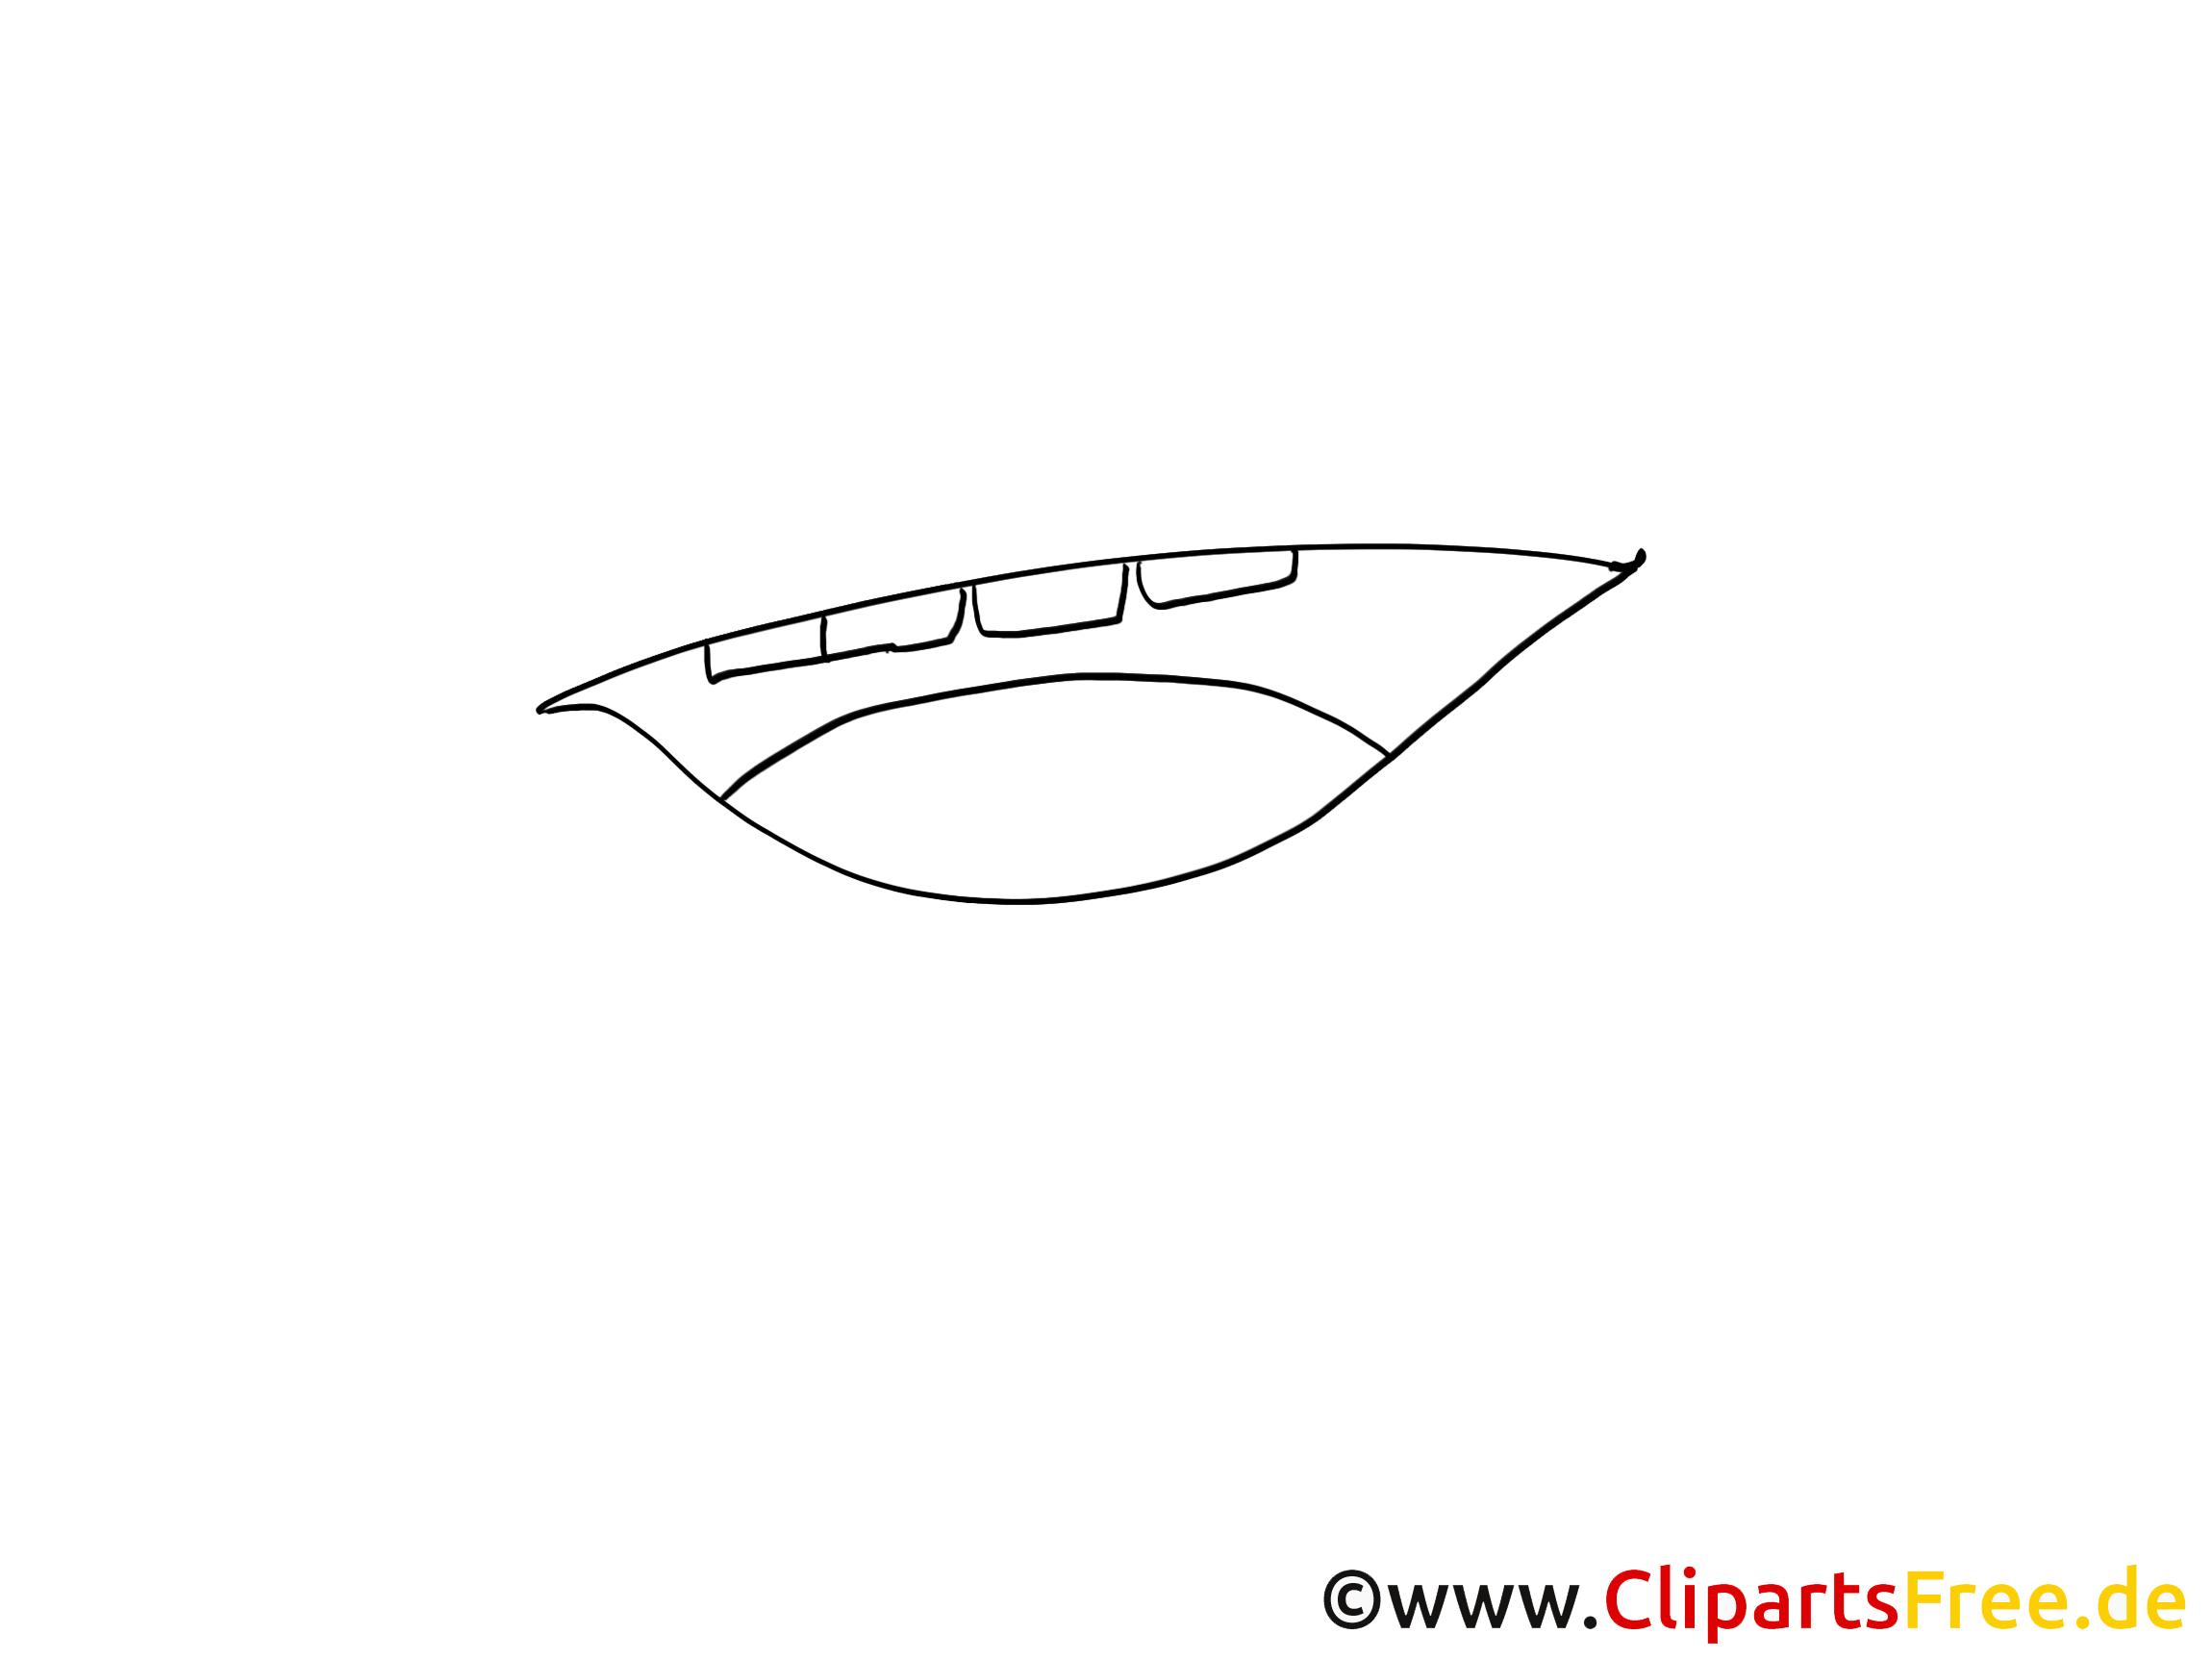 Ouverte bouche dessin image à colorier gratuite